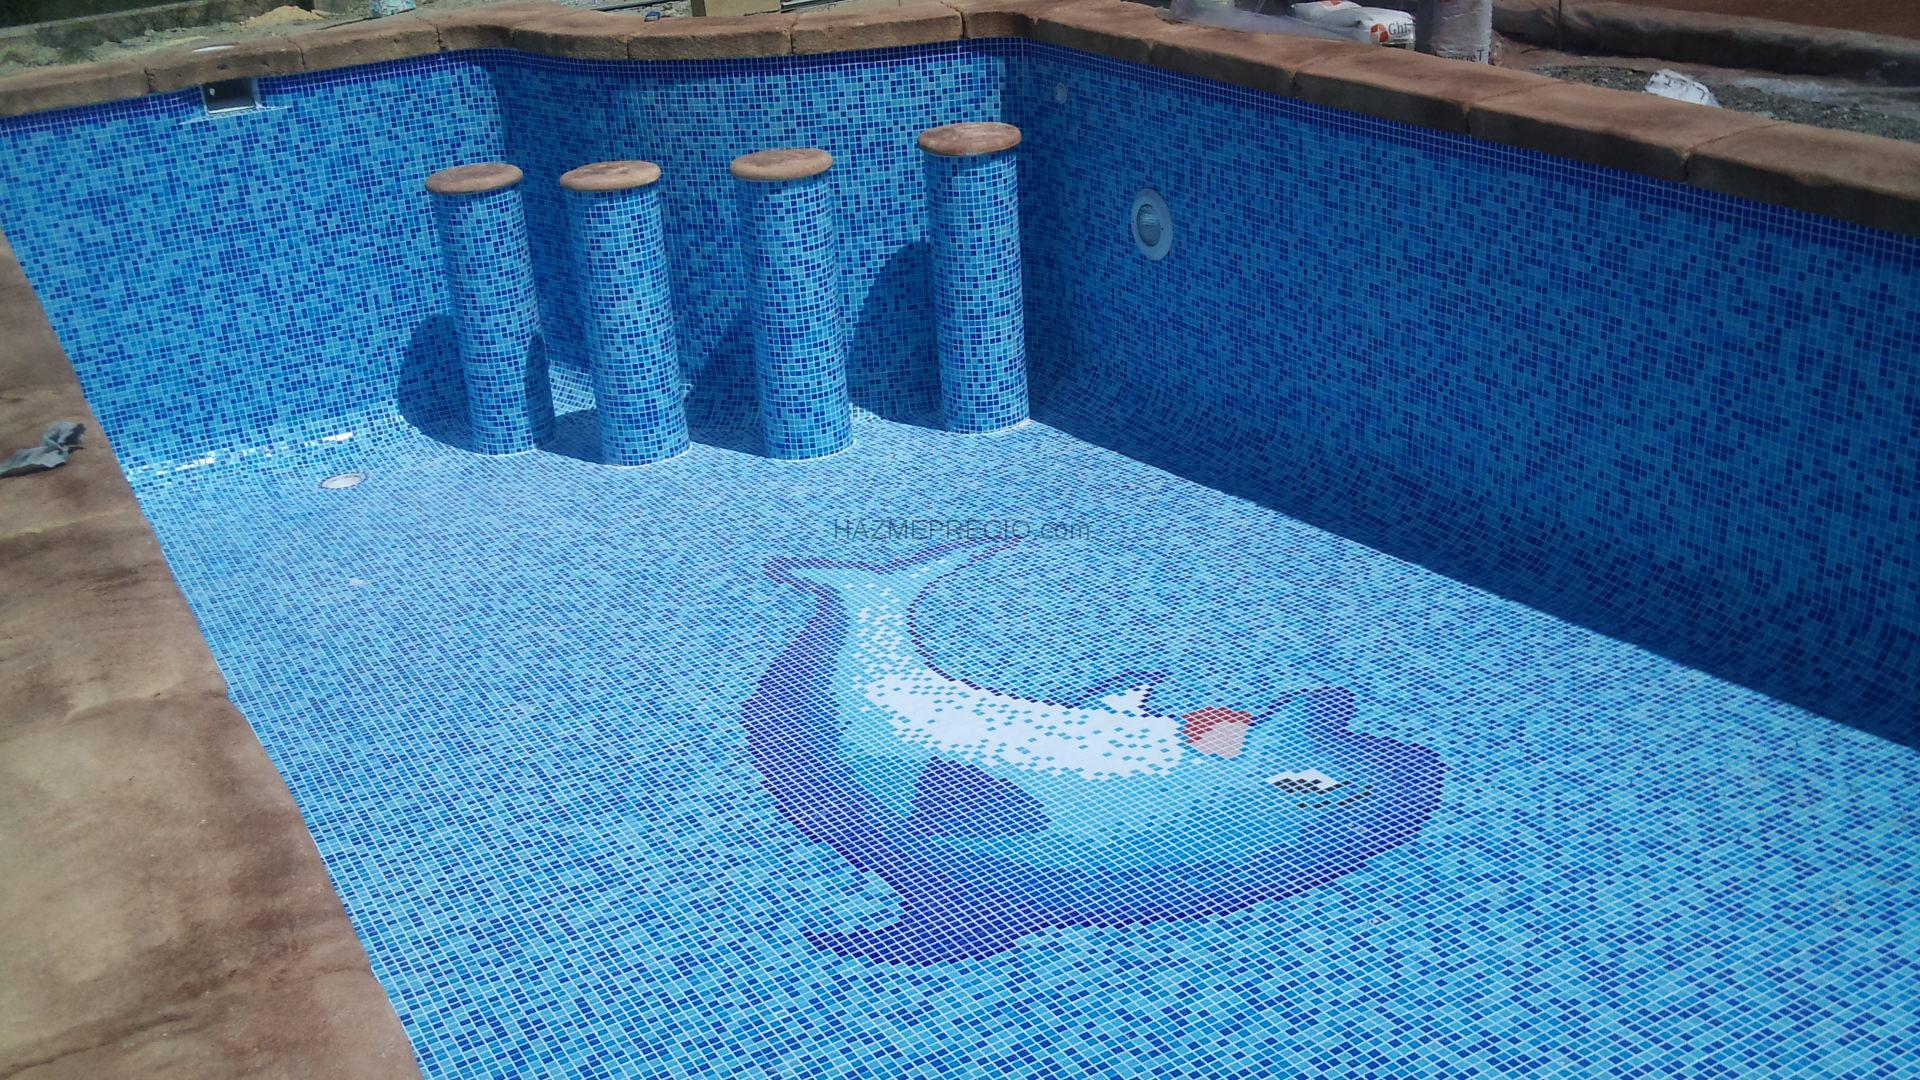 Presupuesto para hacer excavacion piscina en patio trasero - Presupuesto de piscina ...